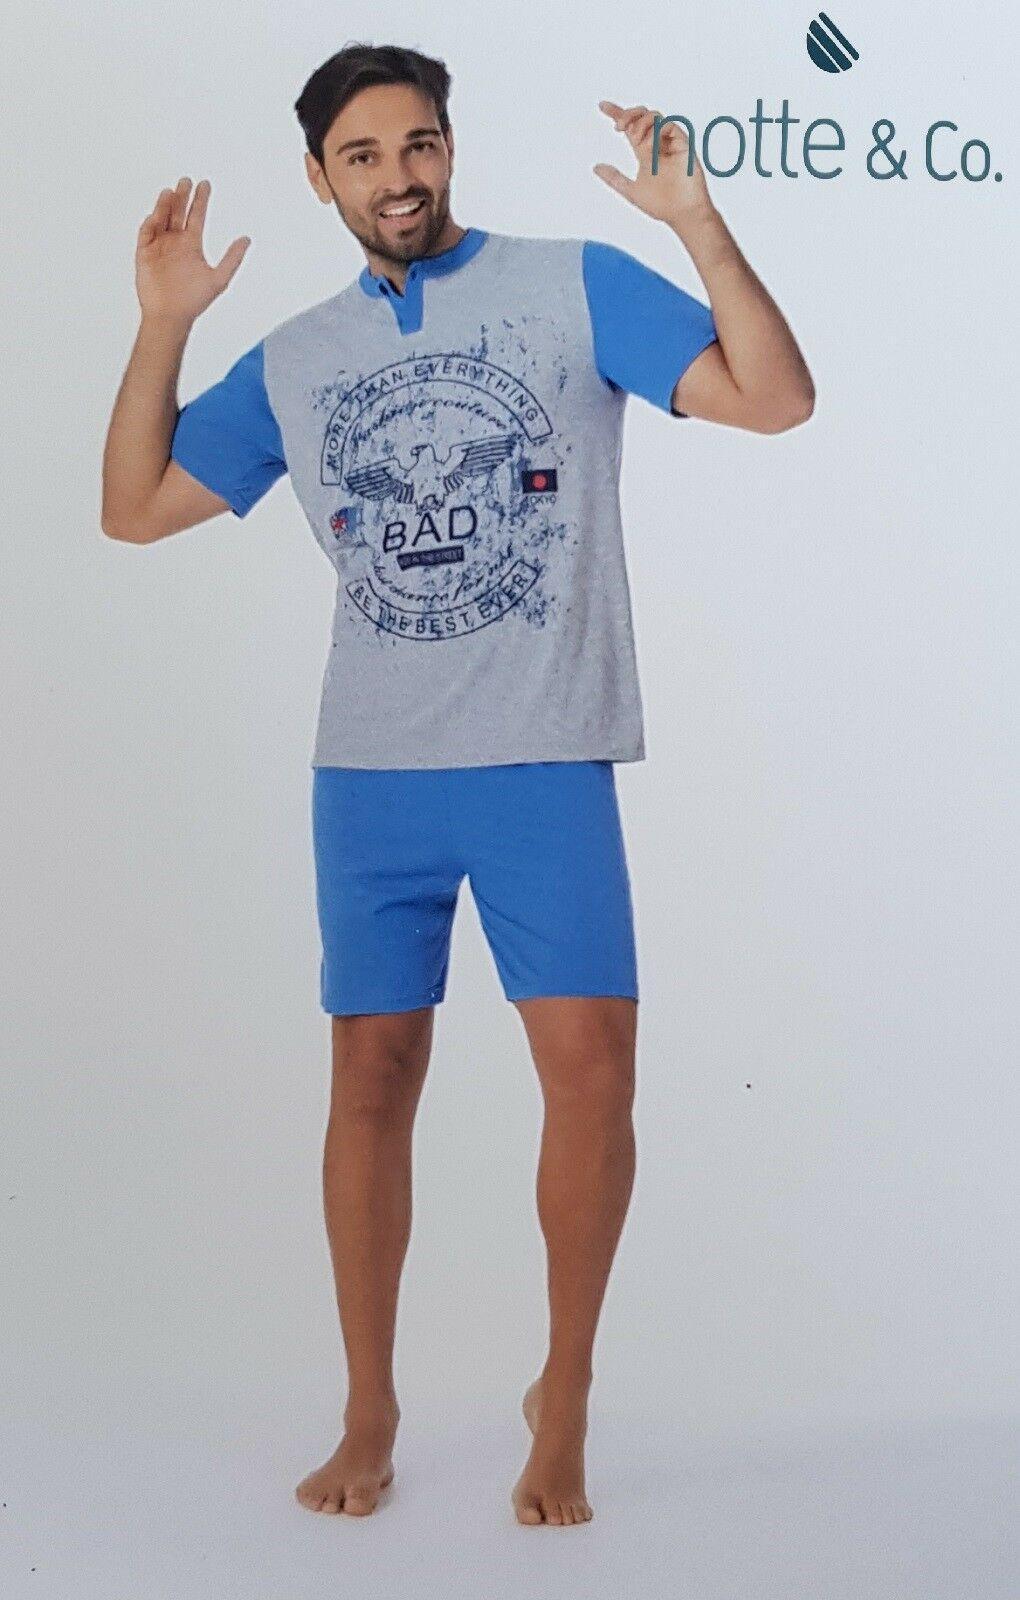 NOTTE & CO. Pigiama corto, Uomo in 100% Cotone. Art. 3555 LIMBO. Mod. Serafino.